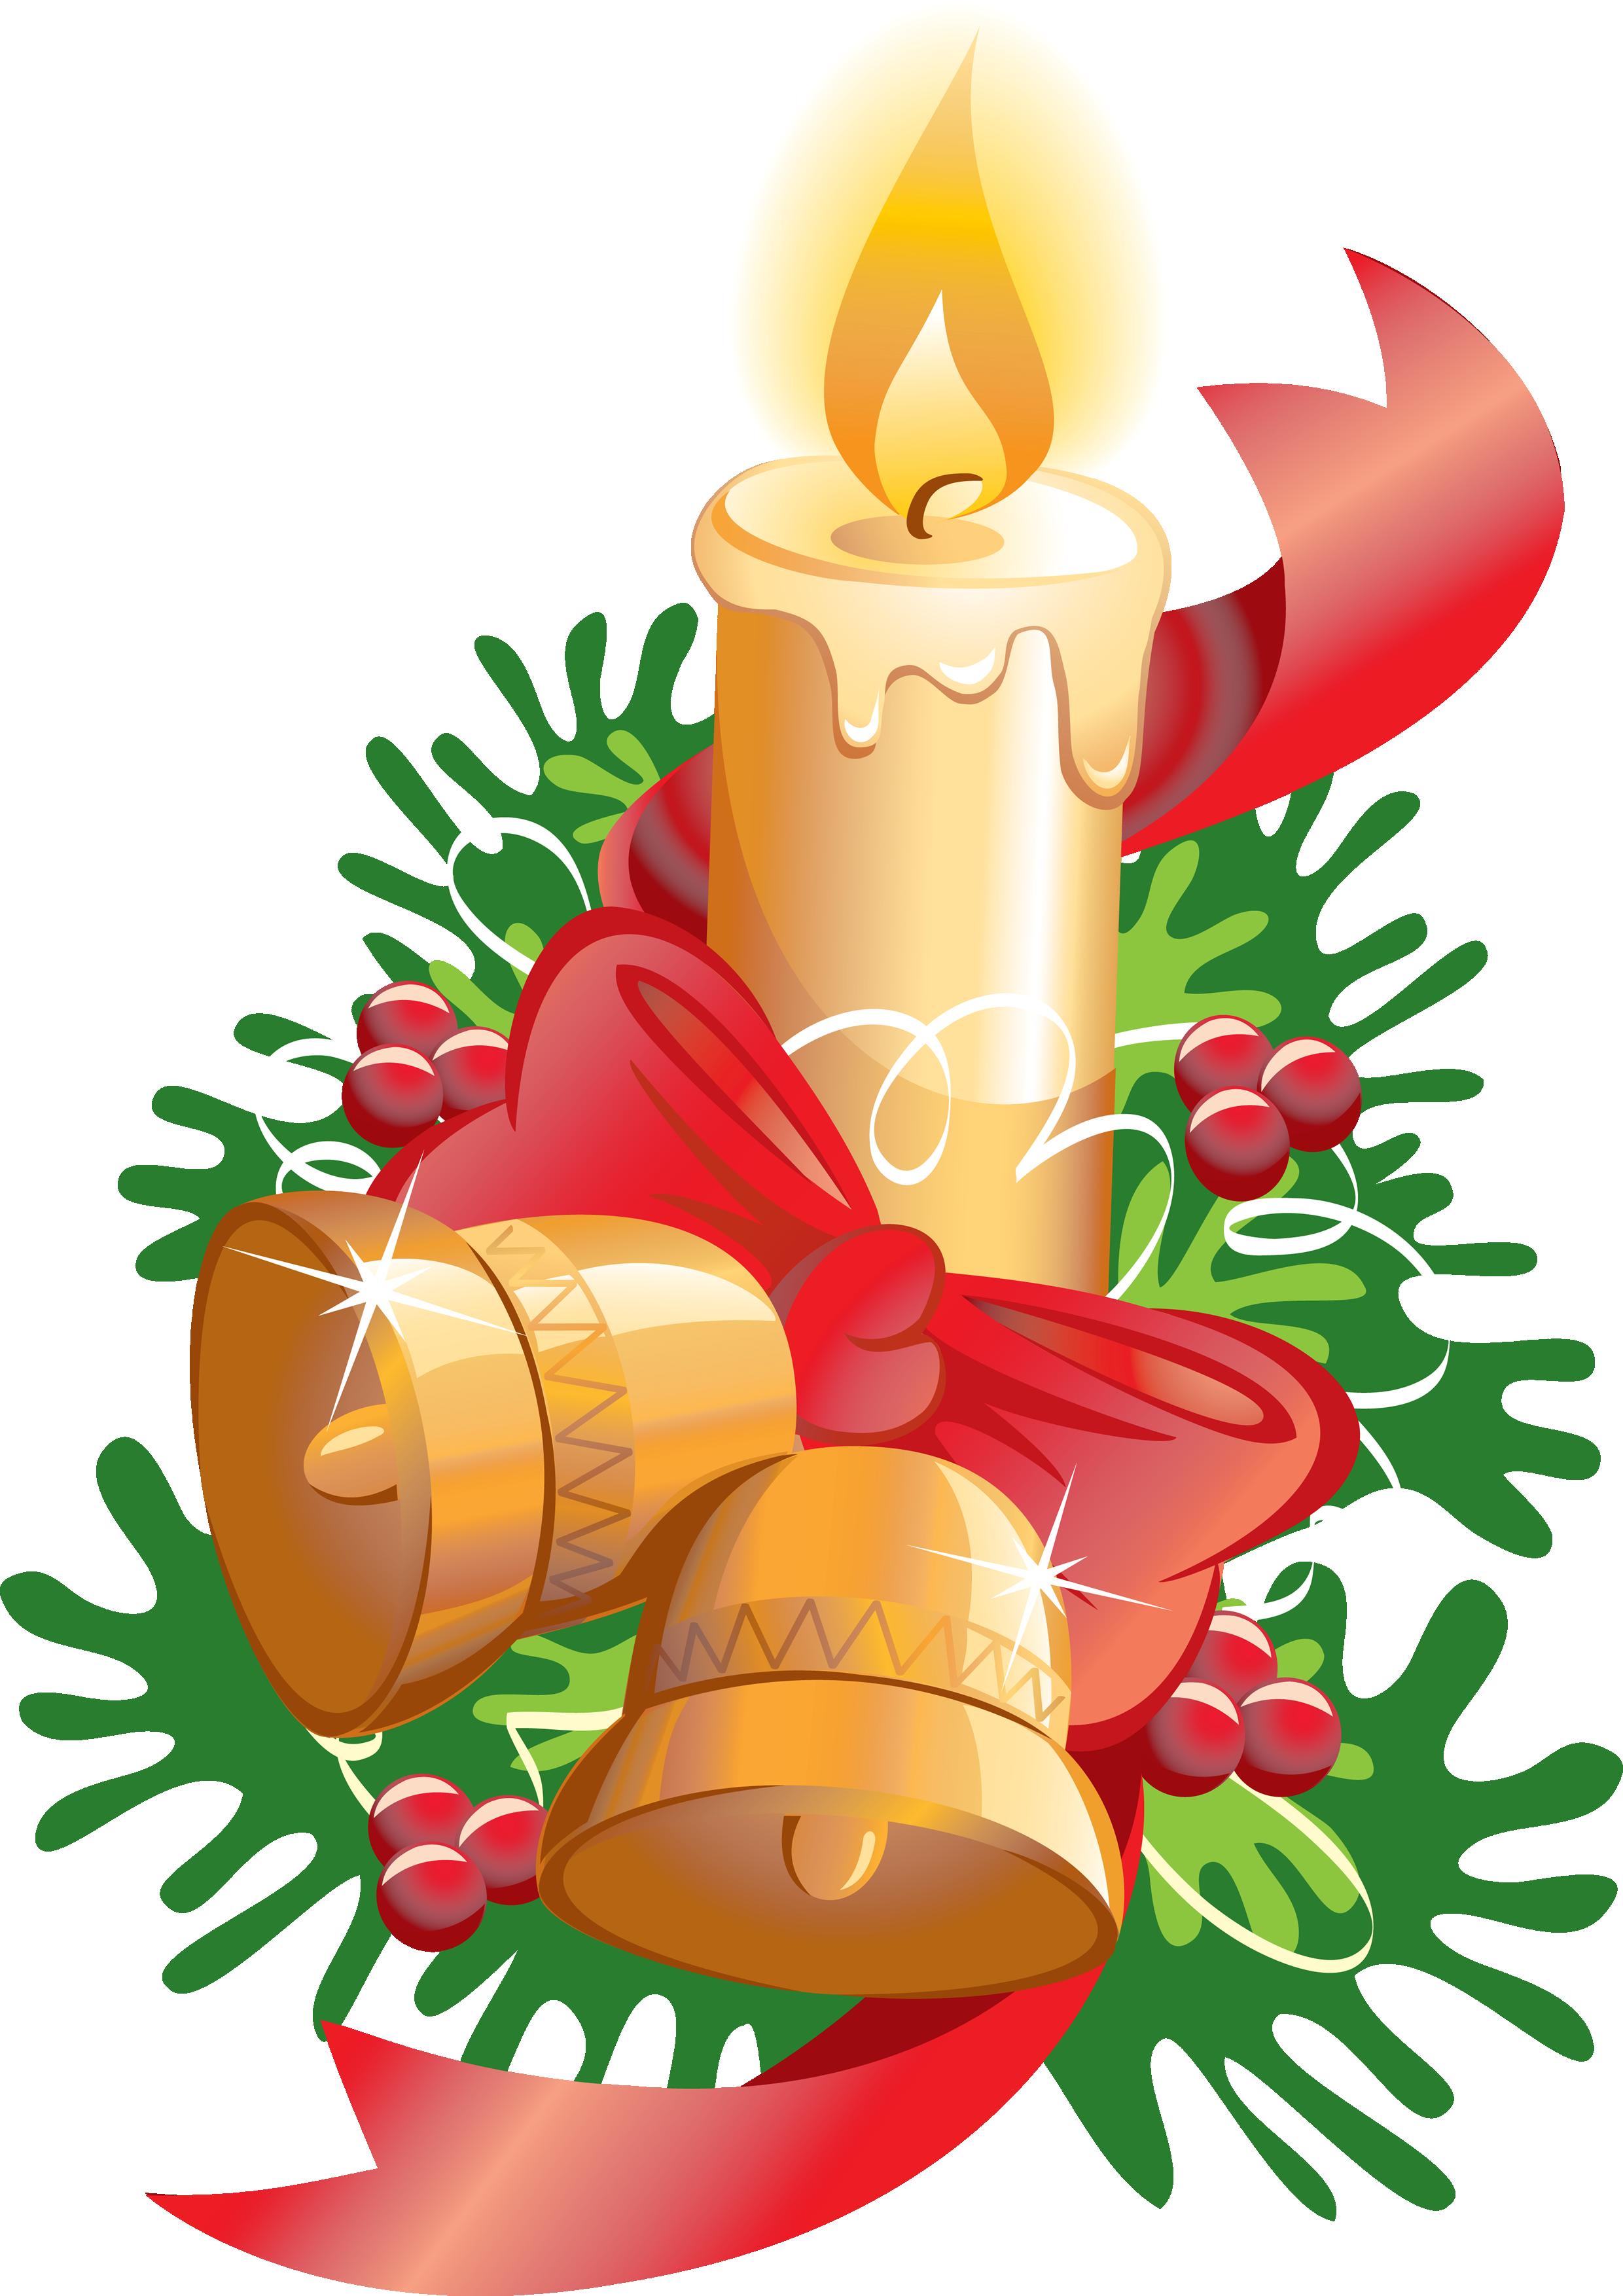 Christmas Candle S Png Image Christmas Decoupage Christmas Drawing Christmas Candles